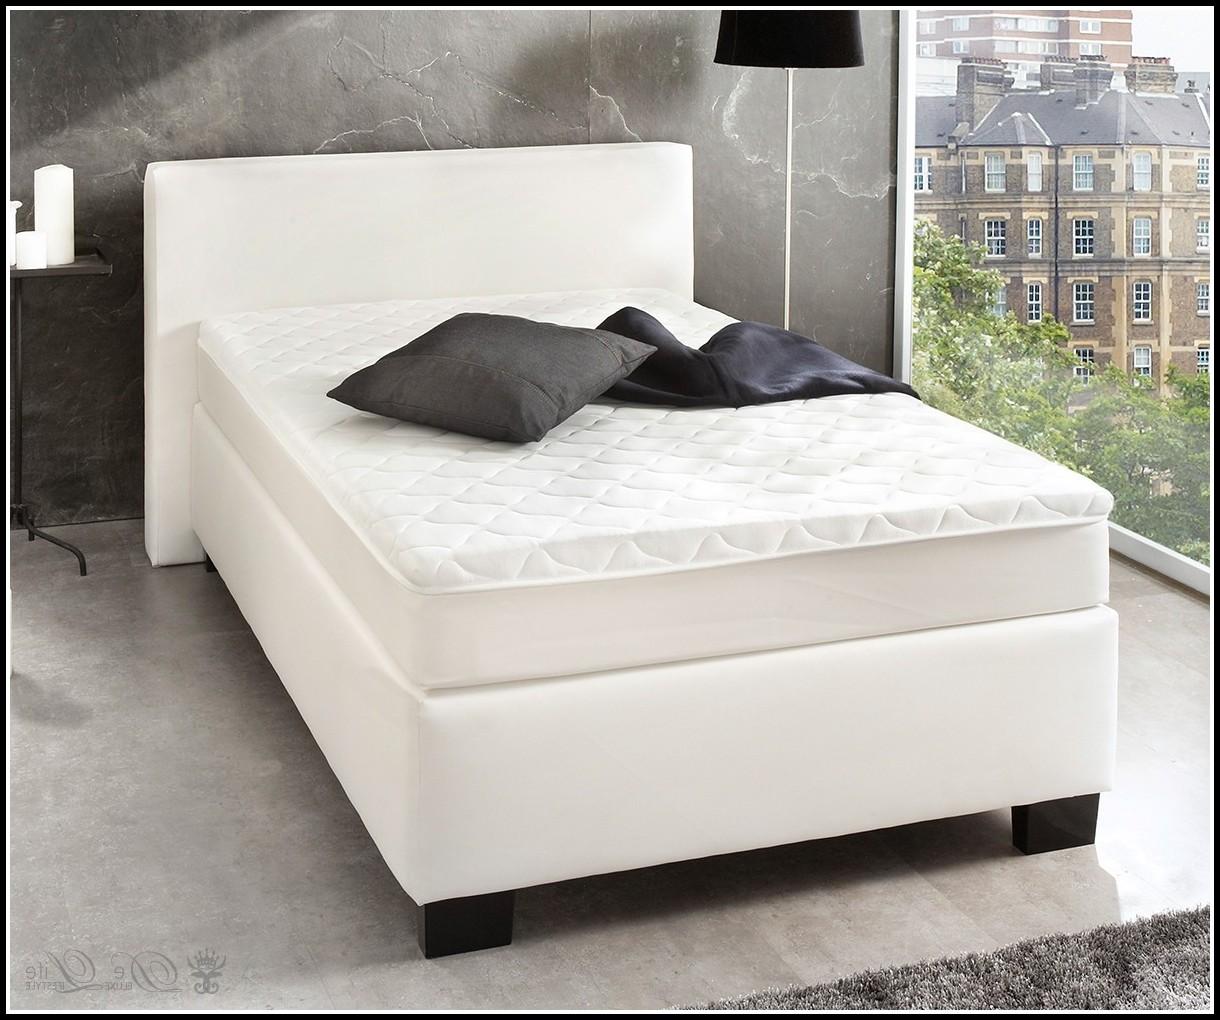 bett 120 cm breit matratze betten house und dekor. Black Bedroom Furniture Sets. Home Design Ideas